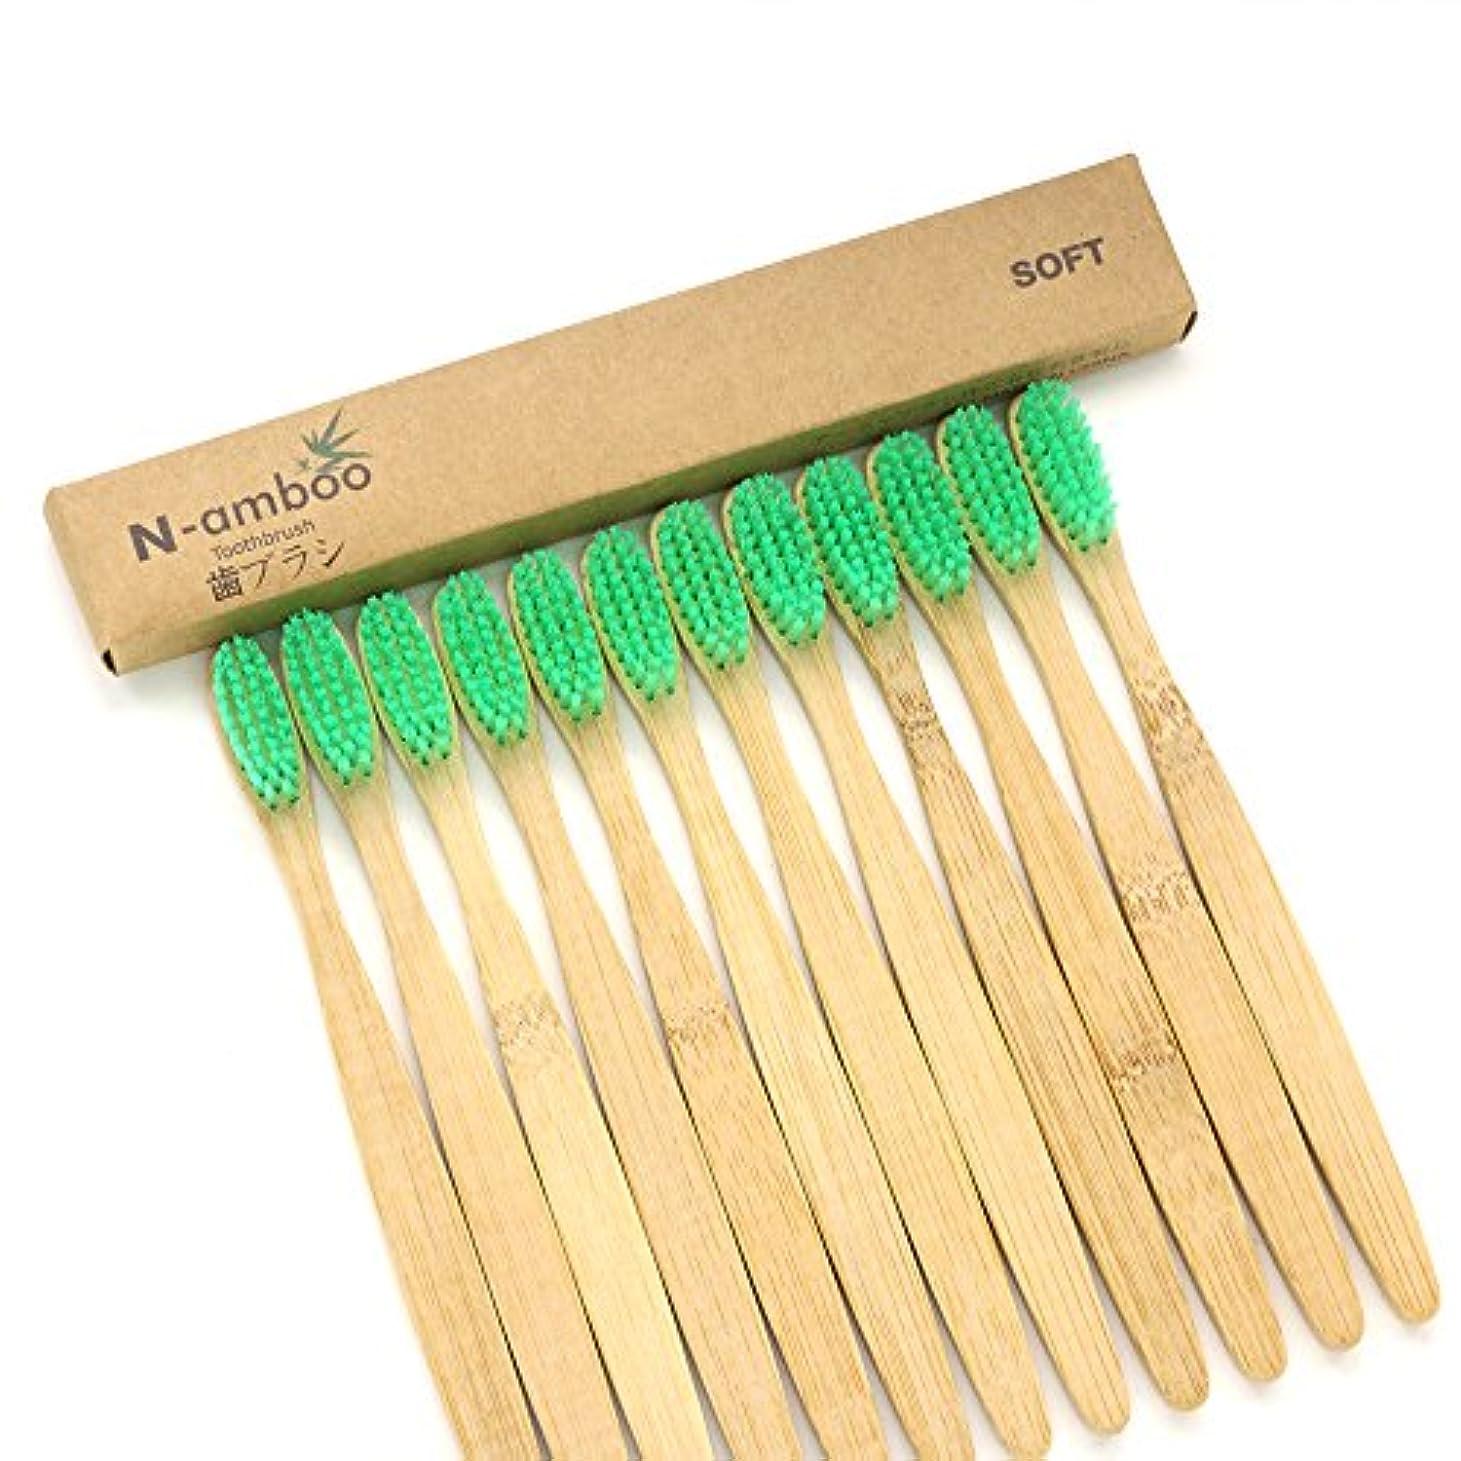 心理的国家乱雑なN-amboo 竹製 歯ブラシ 高耐久性 セット エコ 軽量 12本入り 緑 セット